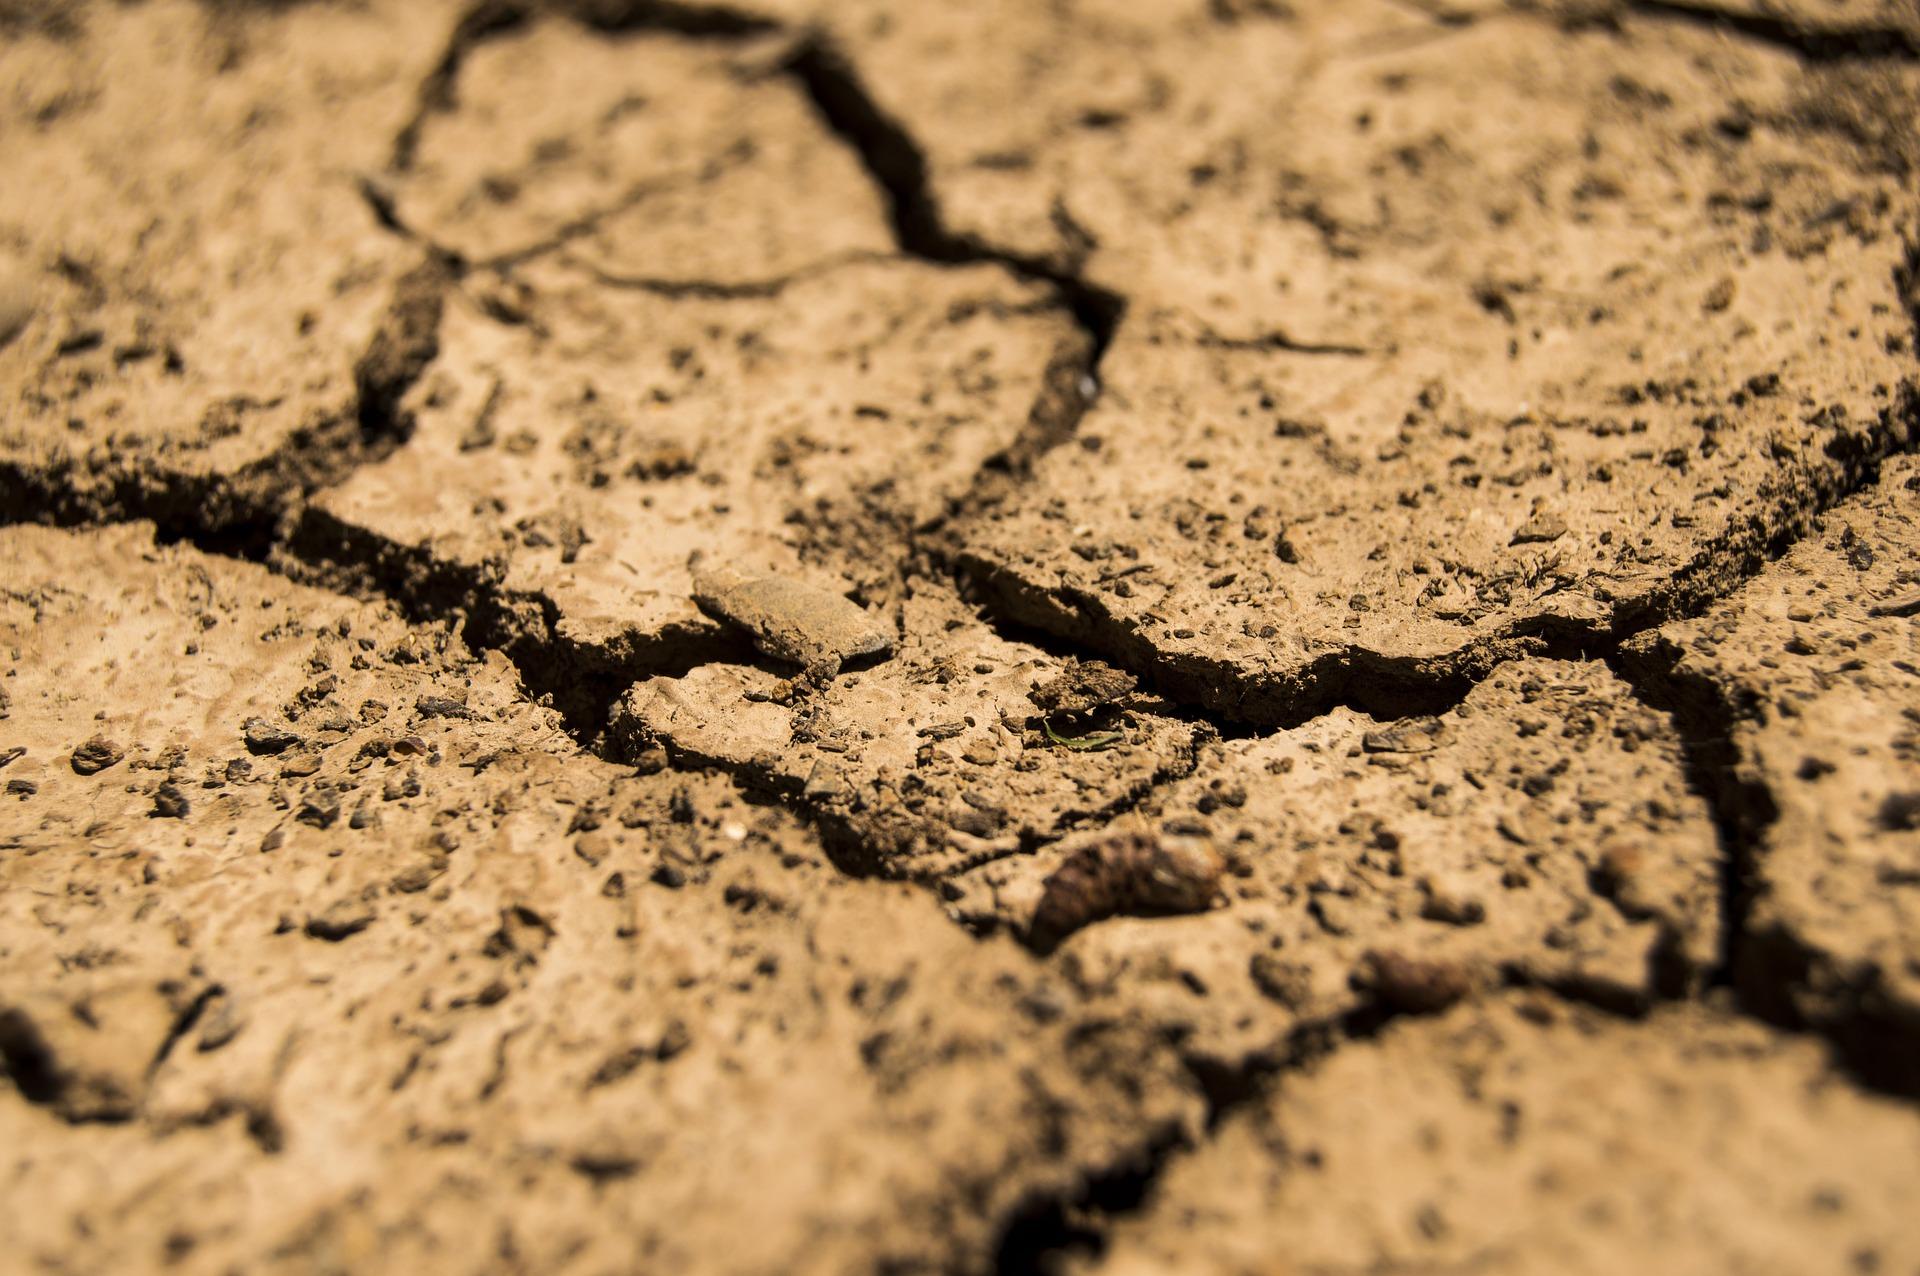 Un été à court d'eau : cessons les dérogations ! | France Nature Environnement